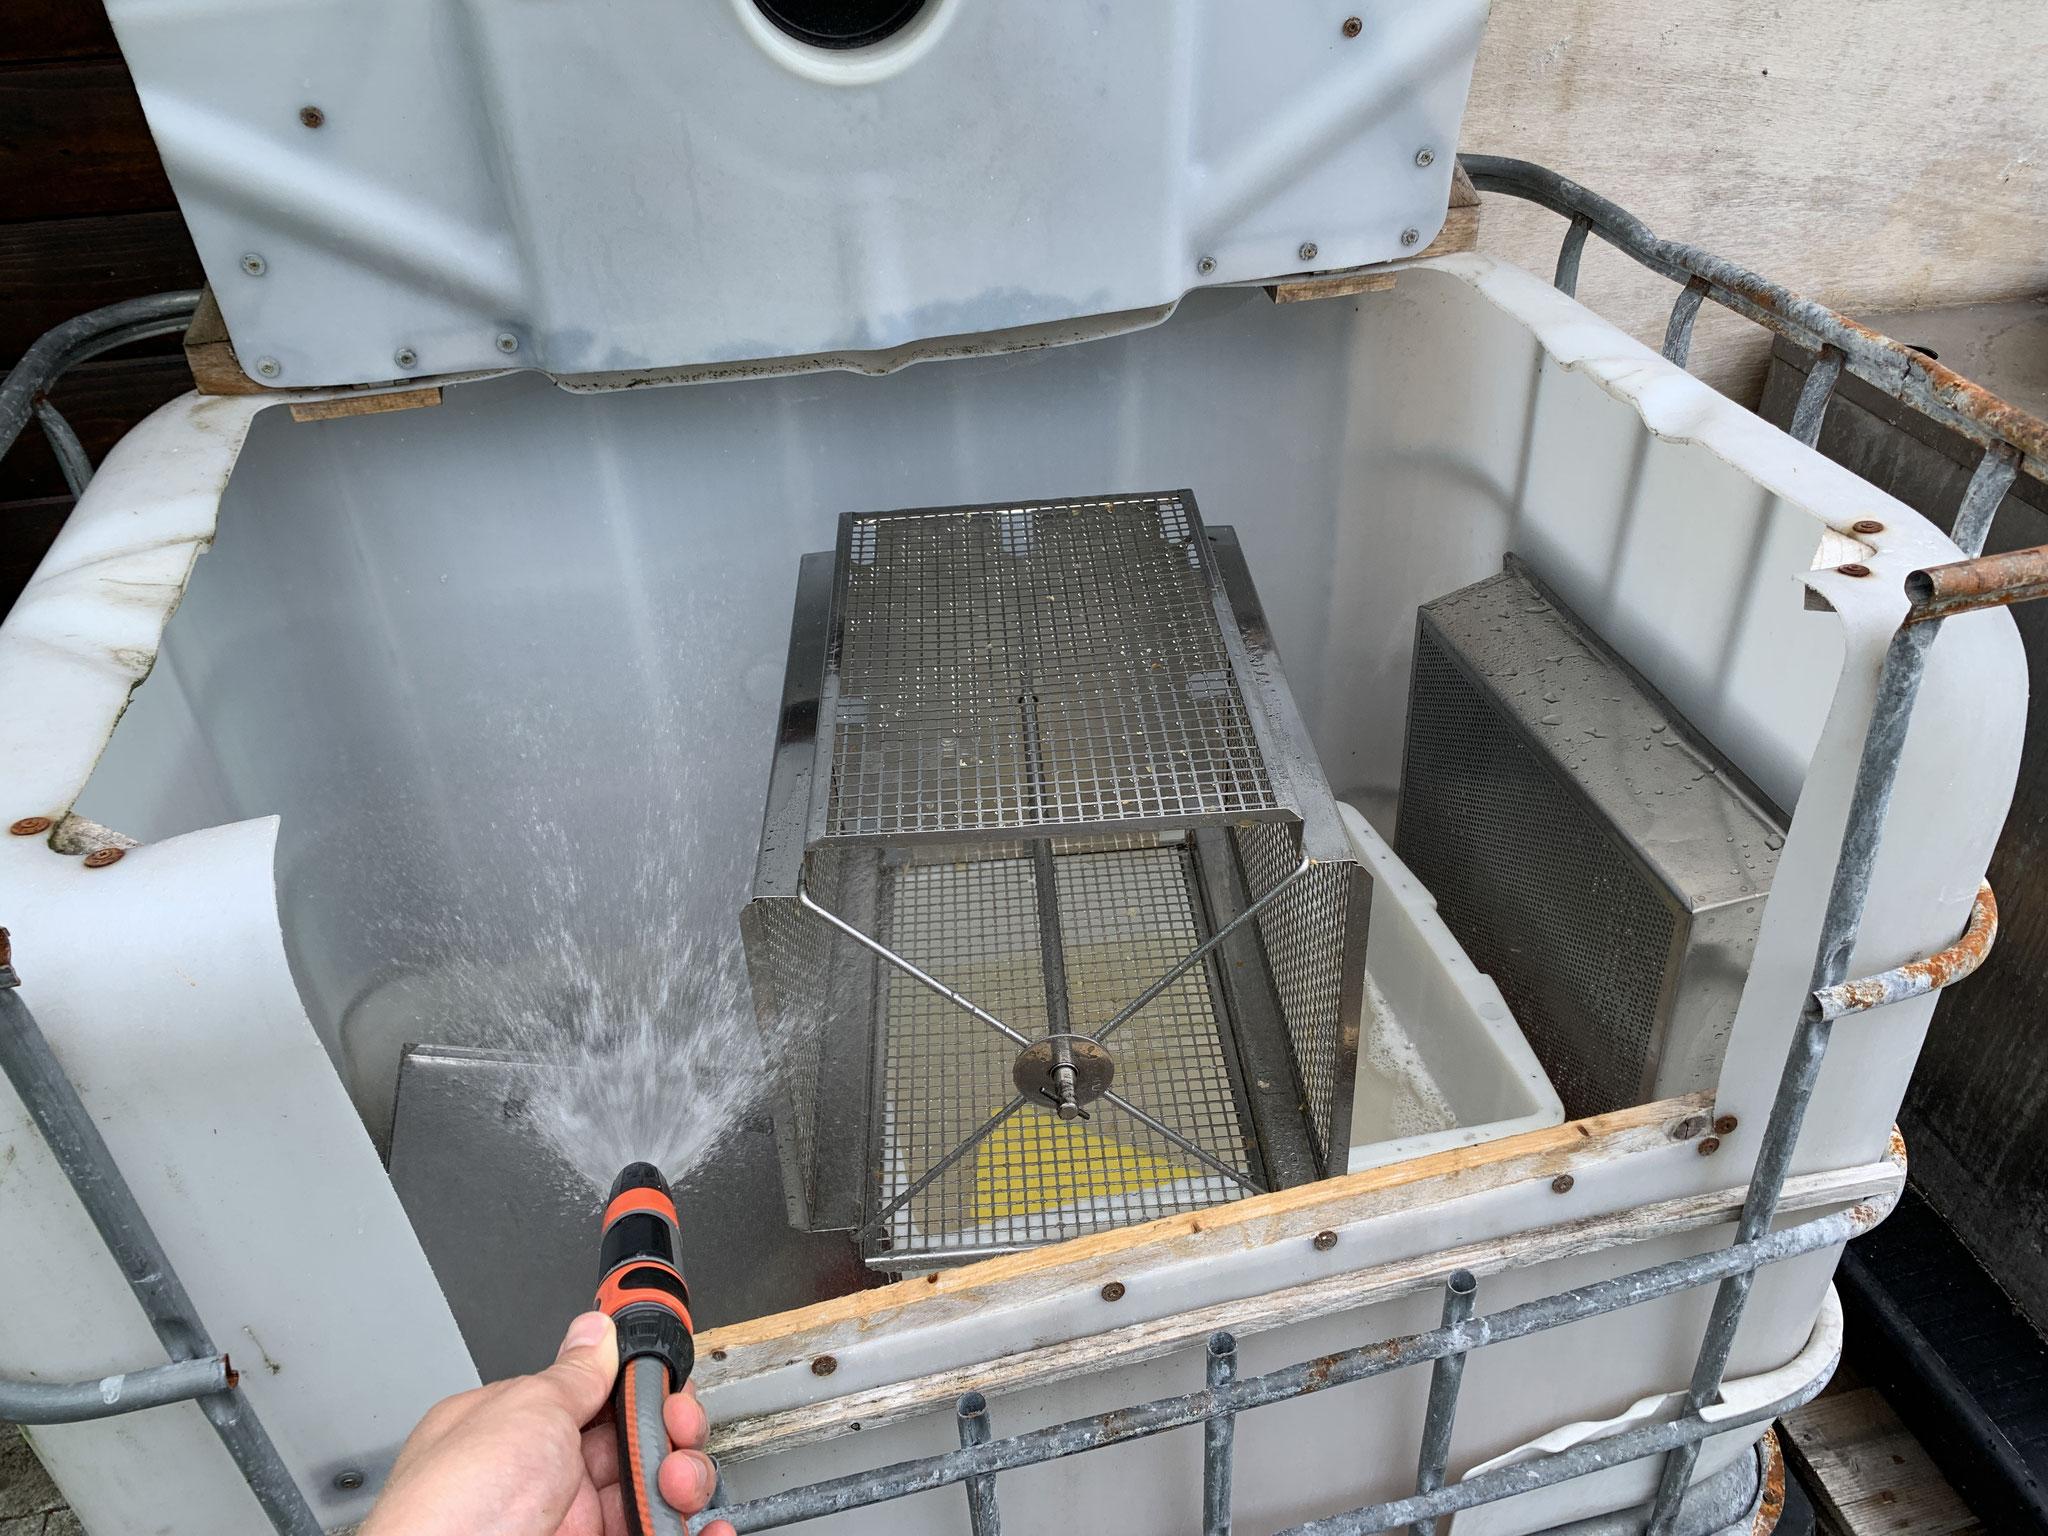 Die benutzten Gerätschaften können im Spritztank hinter dem Container gesäubert werden